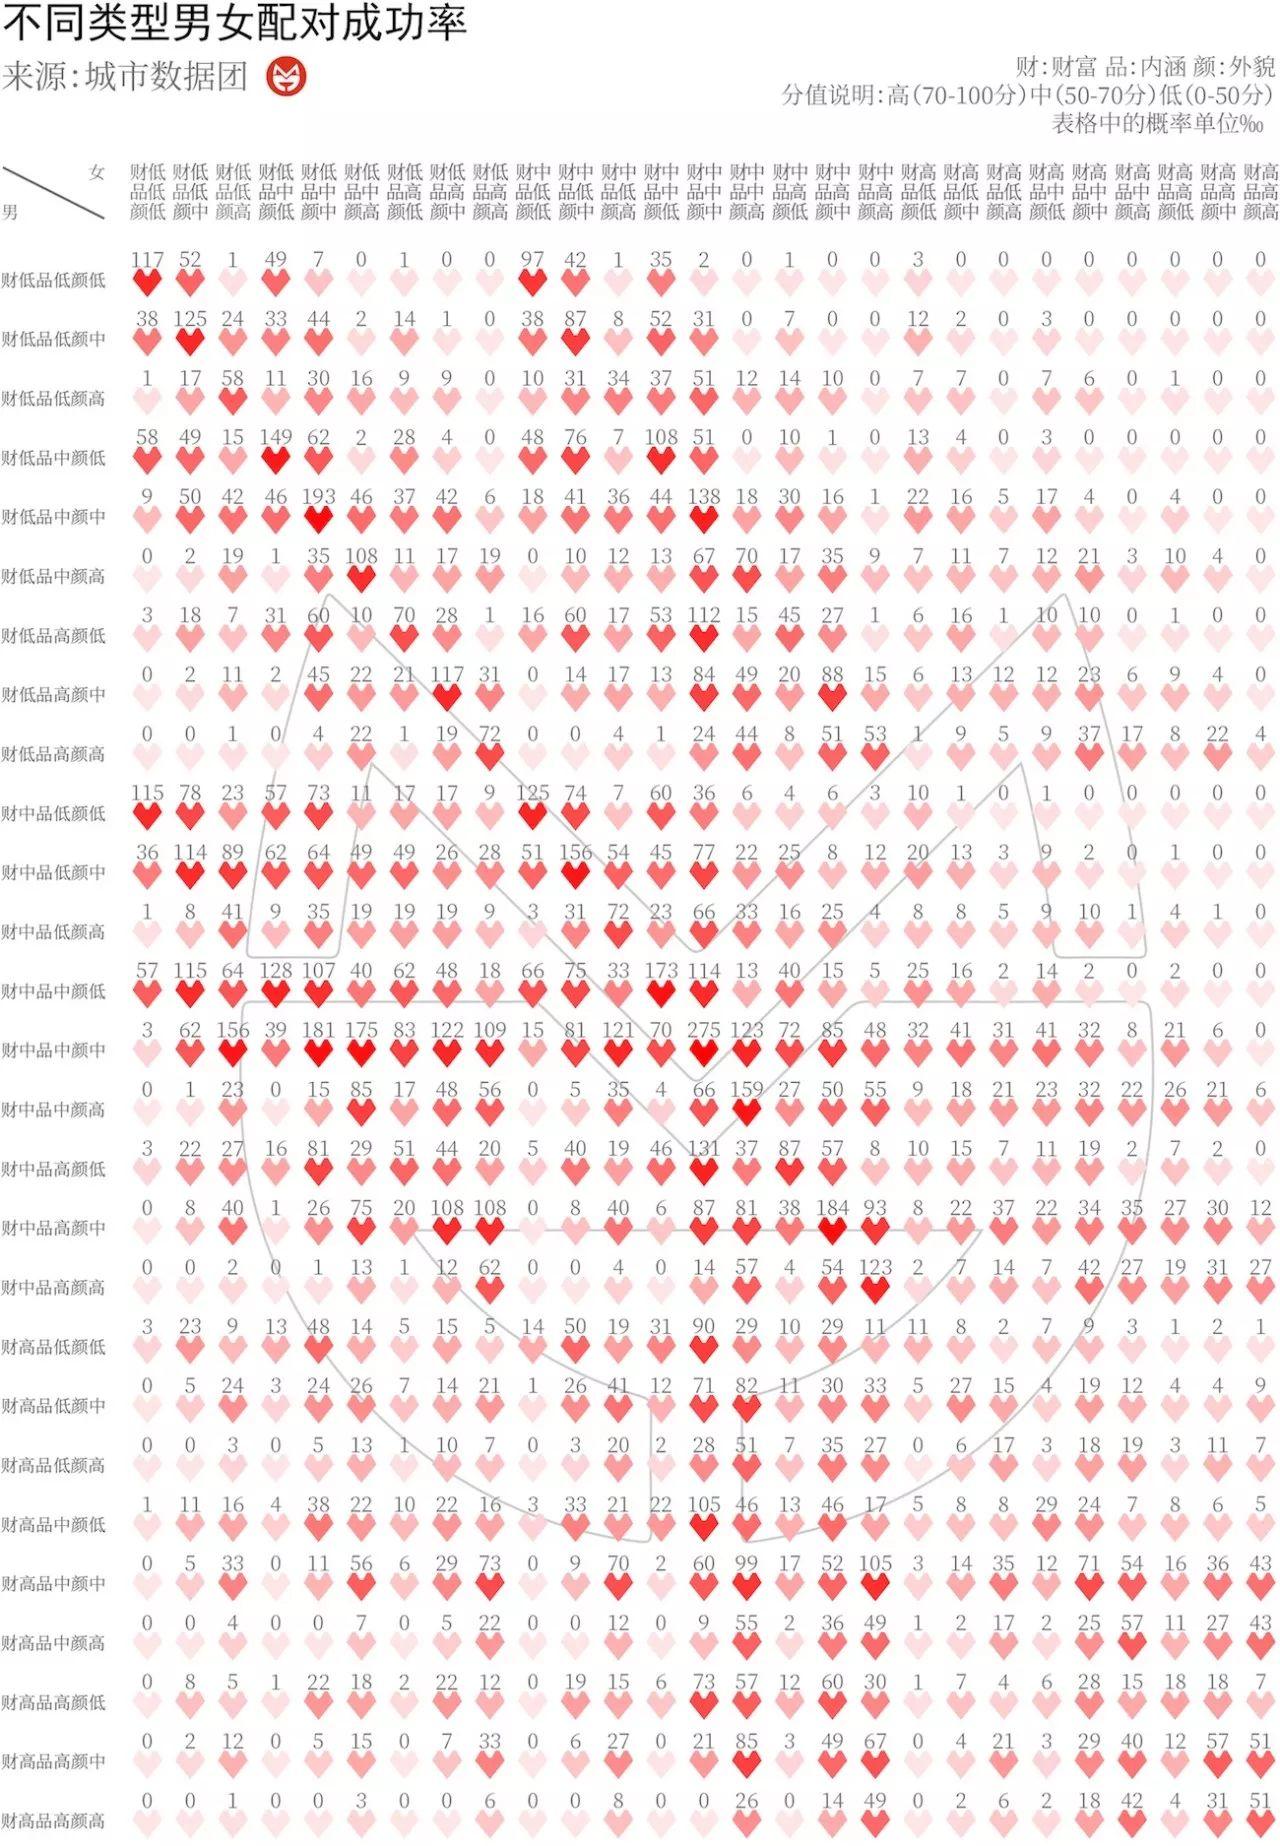 情人节|为了比较择偶策略,我们进行了1亿次婚恋配对实验